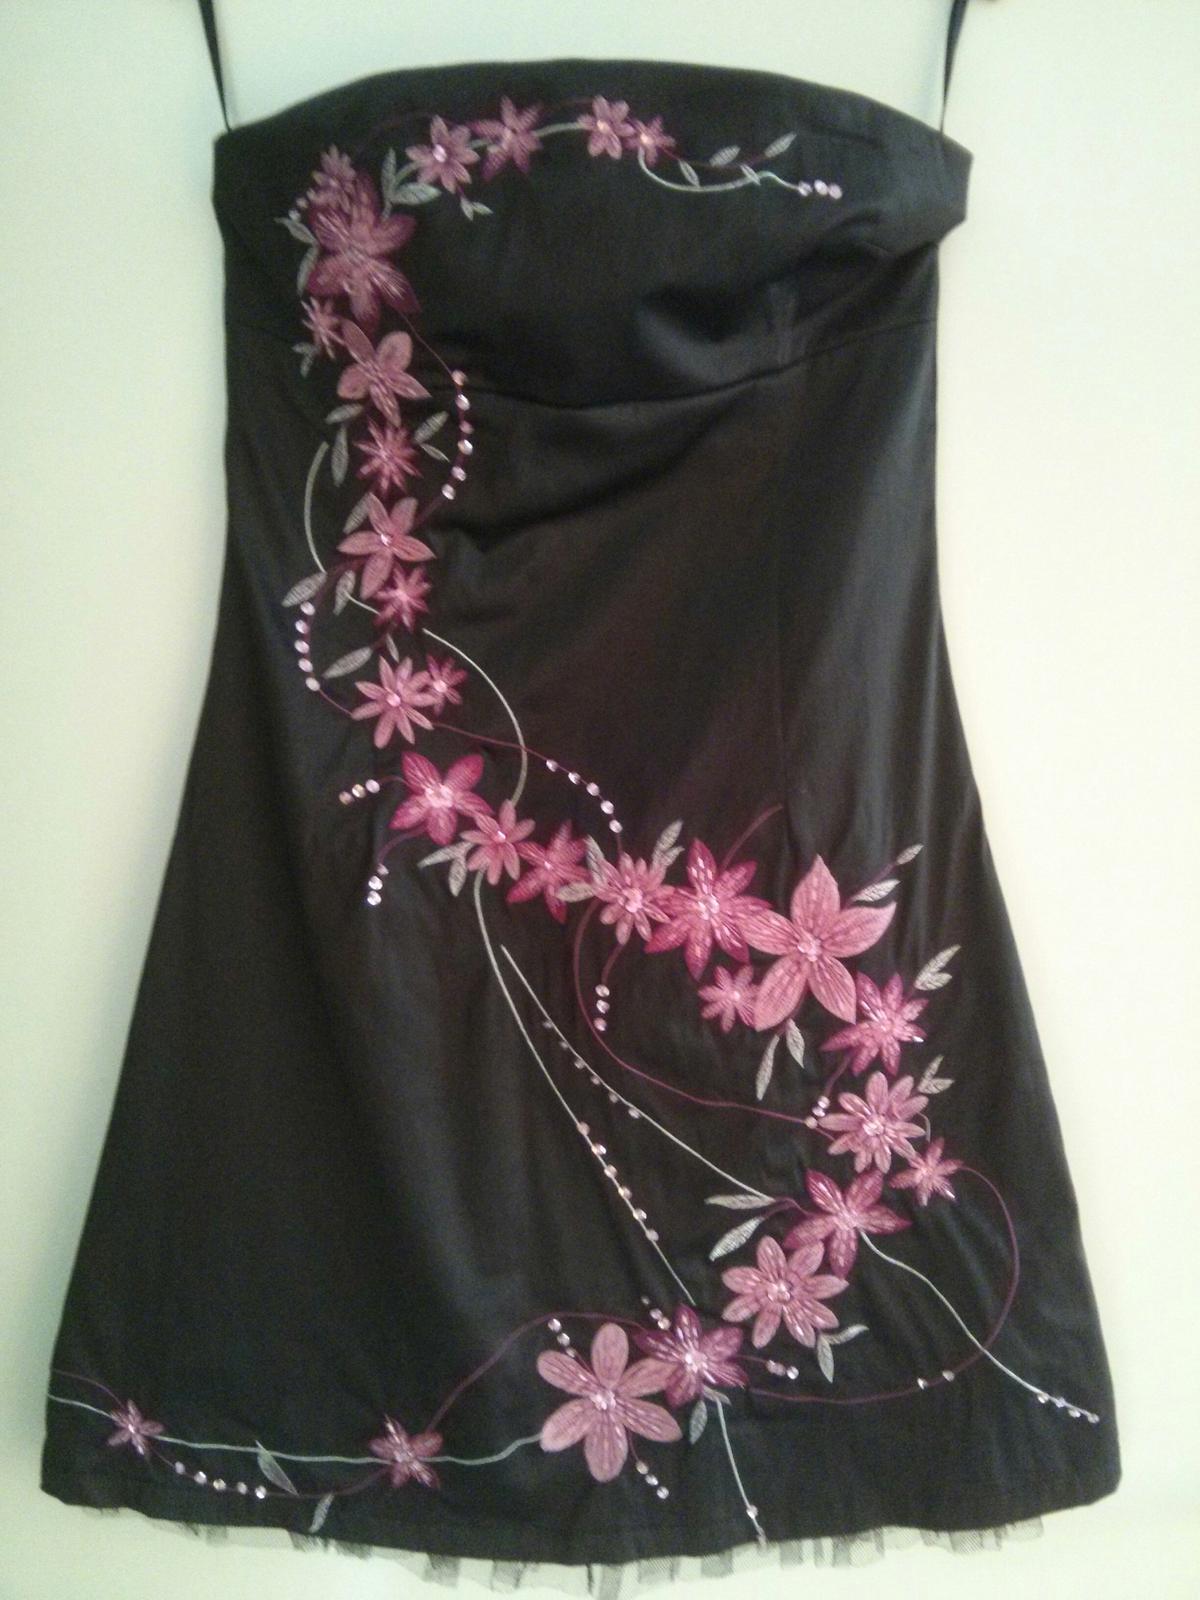 Čierne šaty s výraznými ružovými kvetmi - Obrázok č. 2